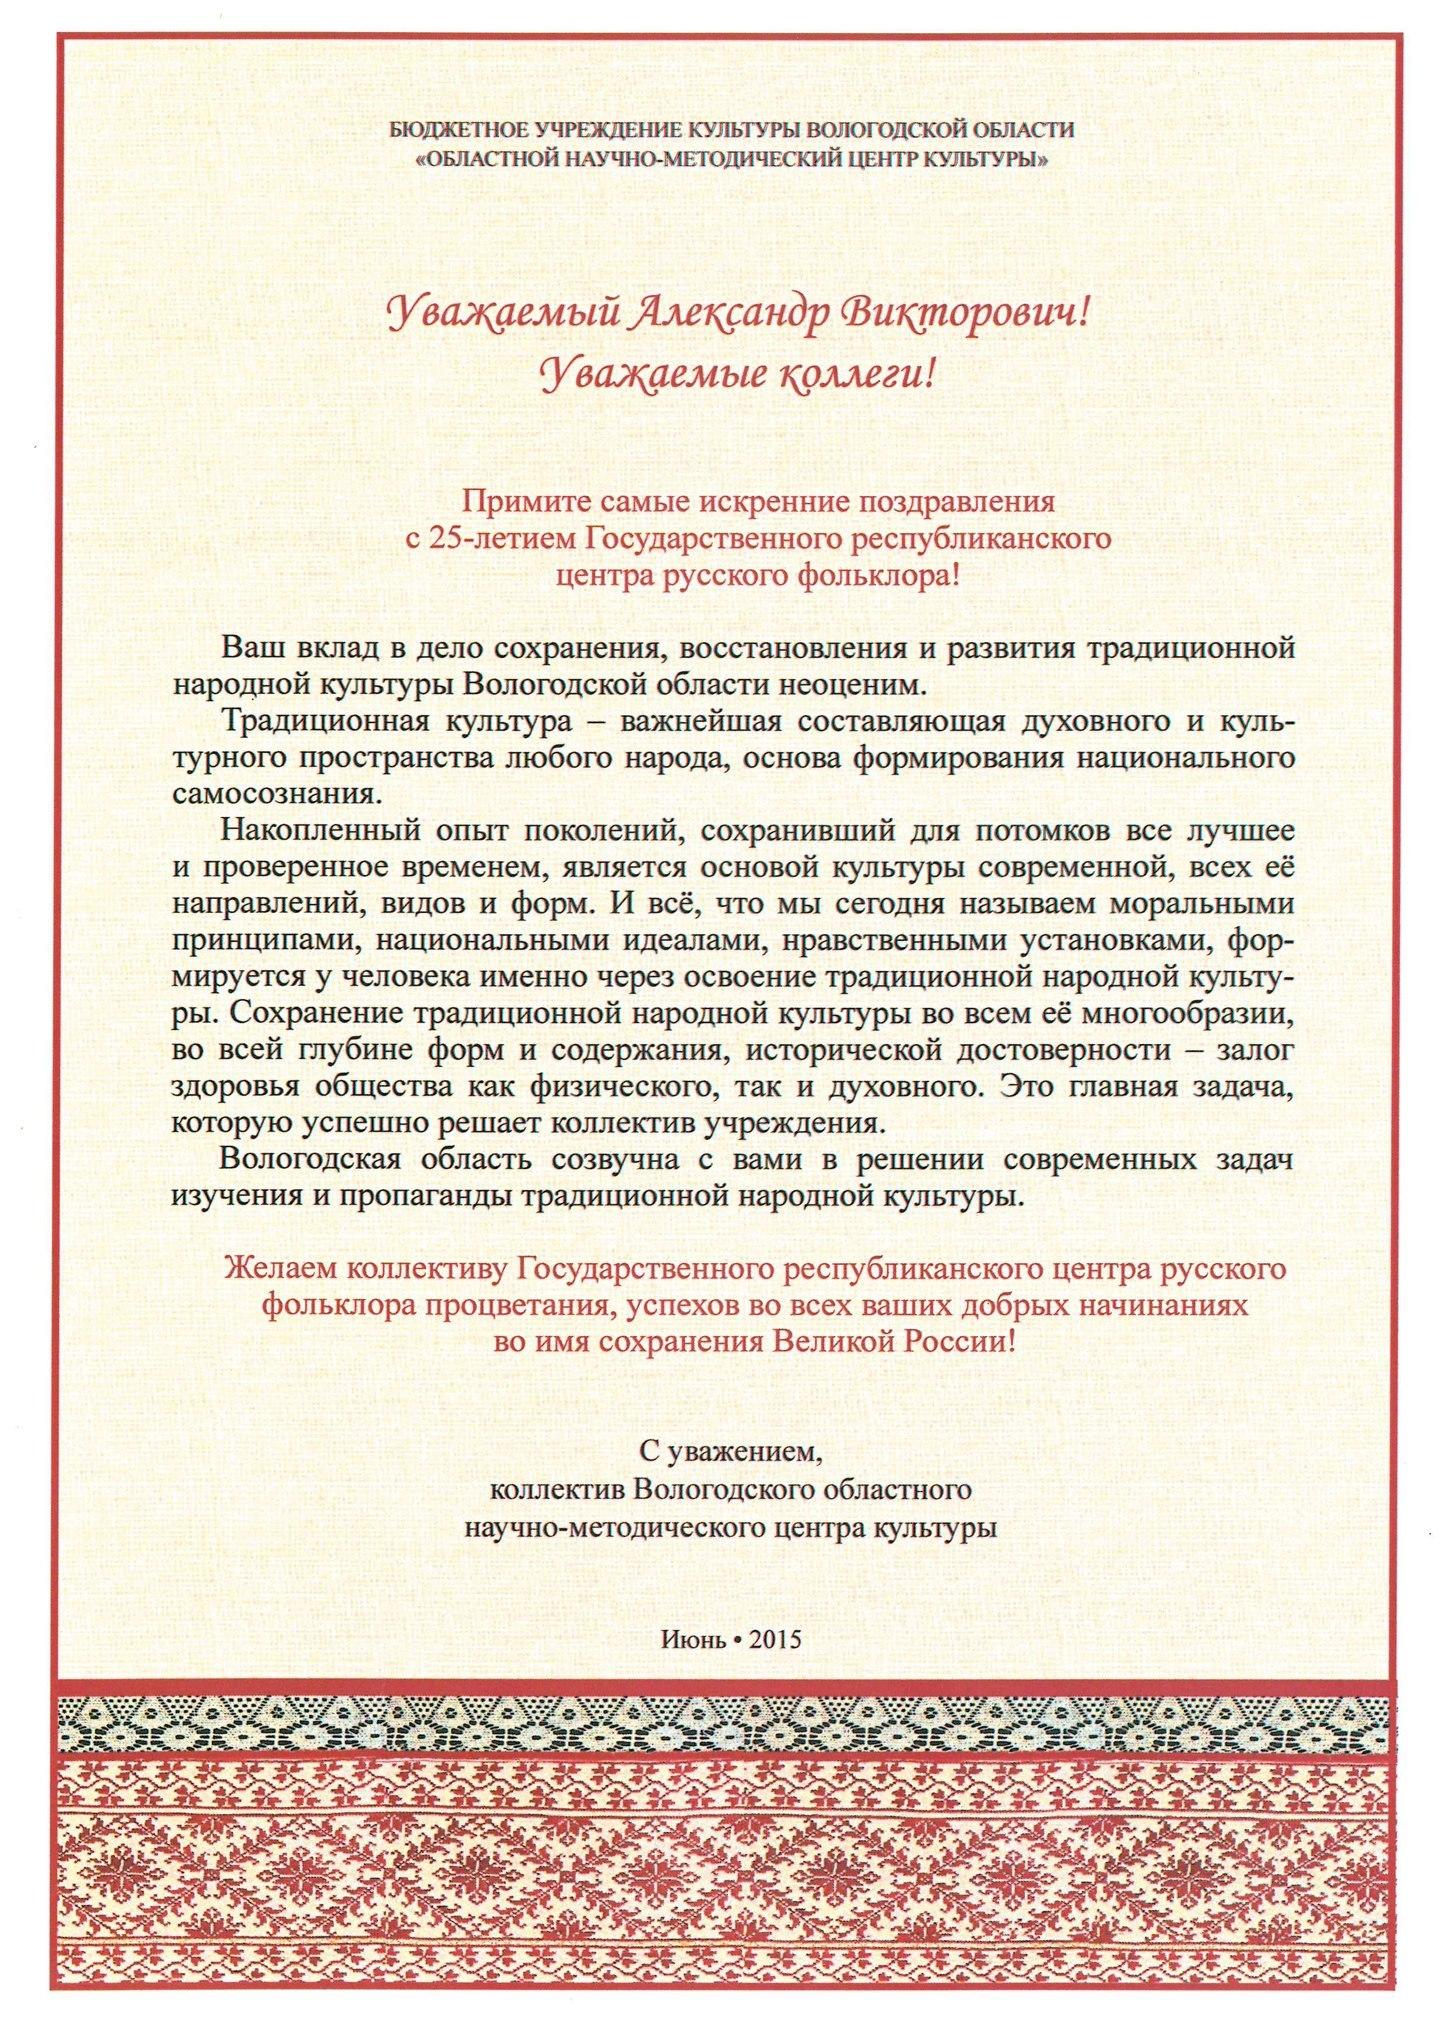 Поздравления с ЮБИЛЕЕМ Нижегородский институт 49